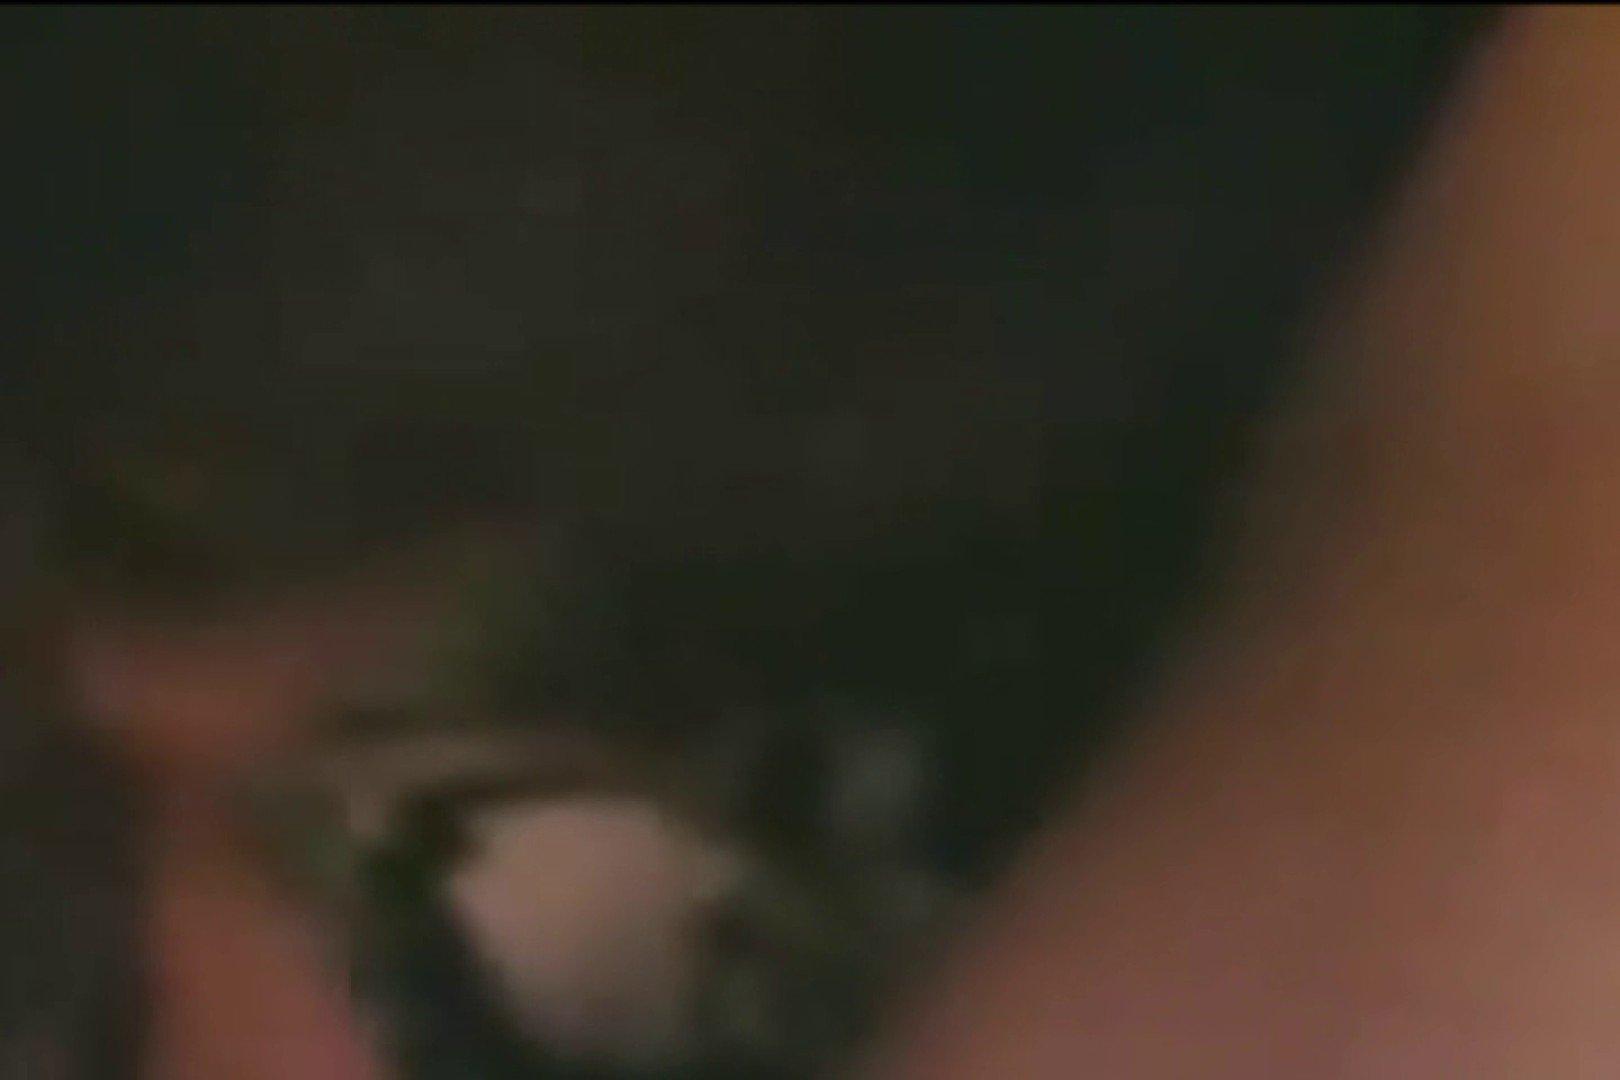 仁義なきキンタマ YAMAMOTOのアルバム フェラチオ  37連発 14